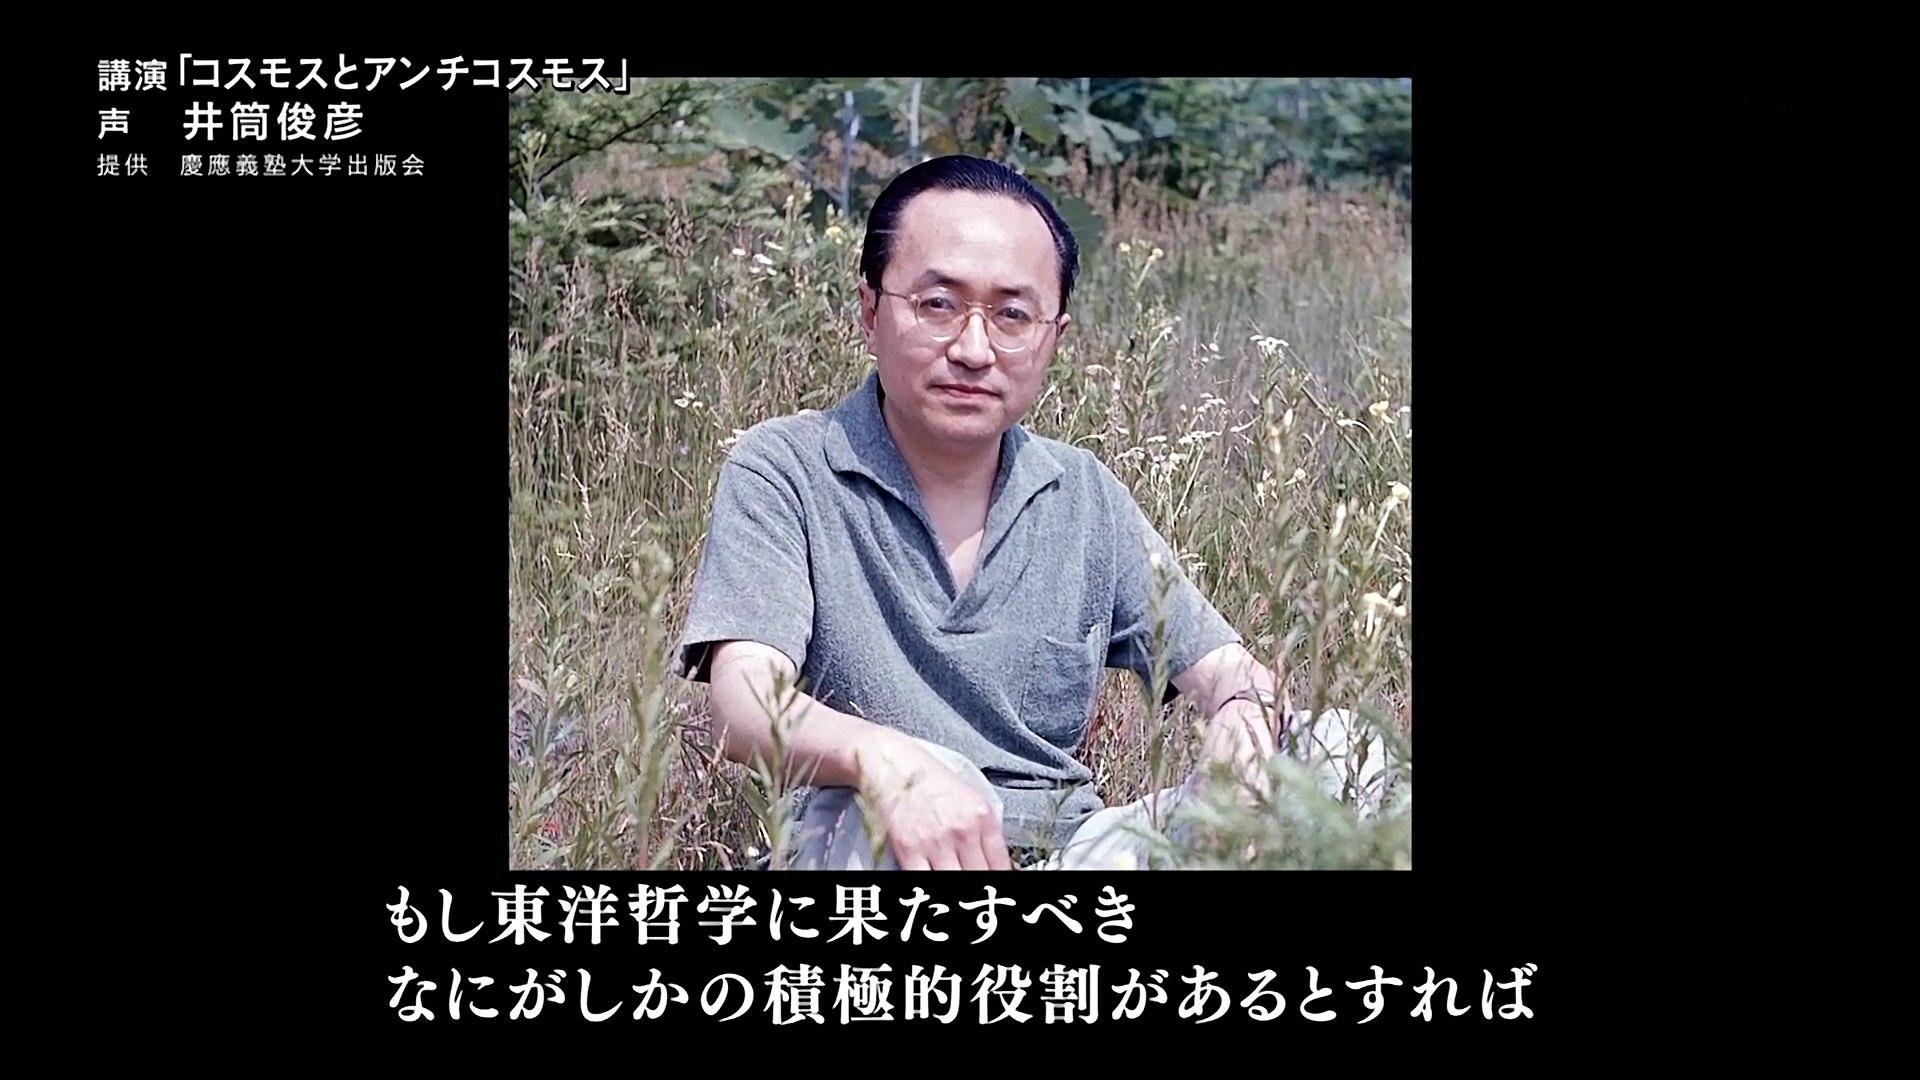 井筒俊彦 NHK